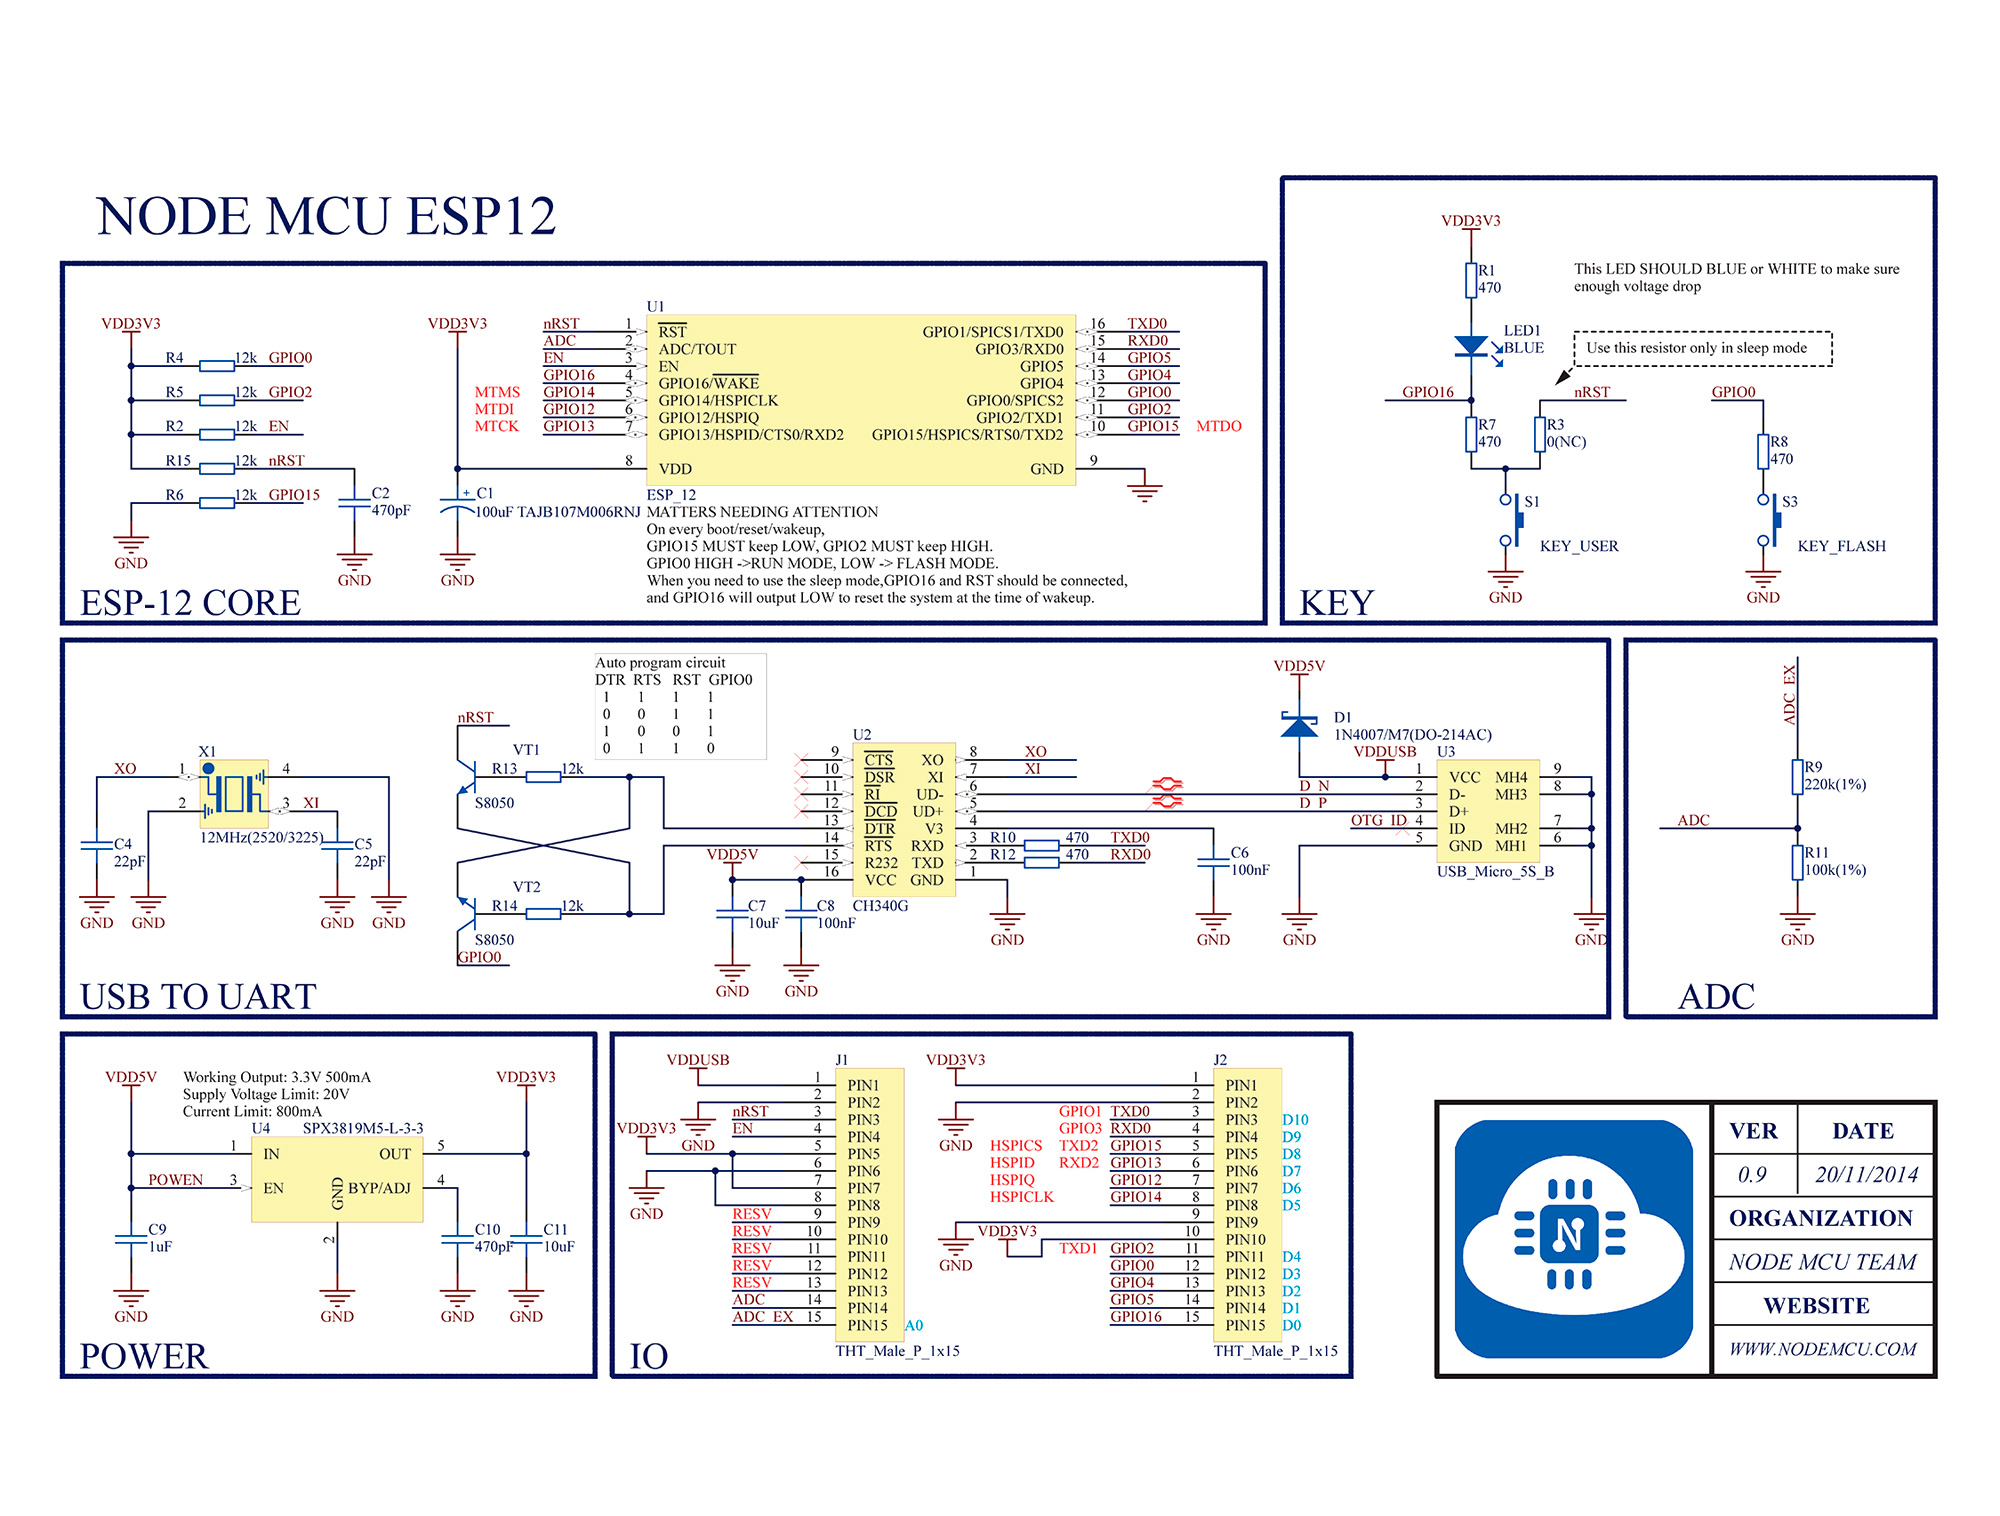 Принципиальная схема NodeMCU ESP-12